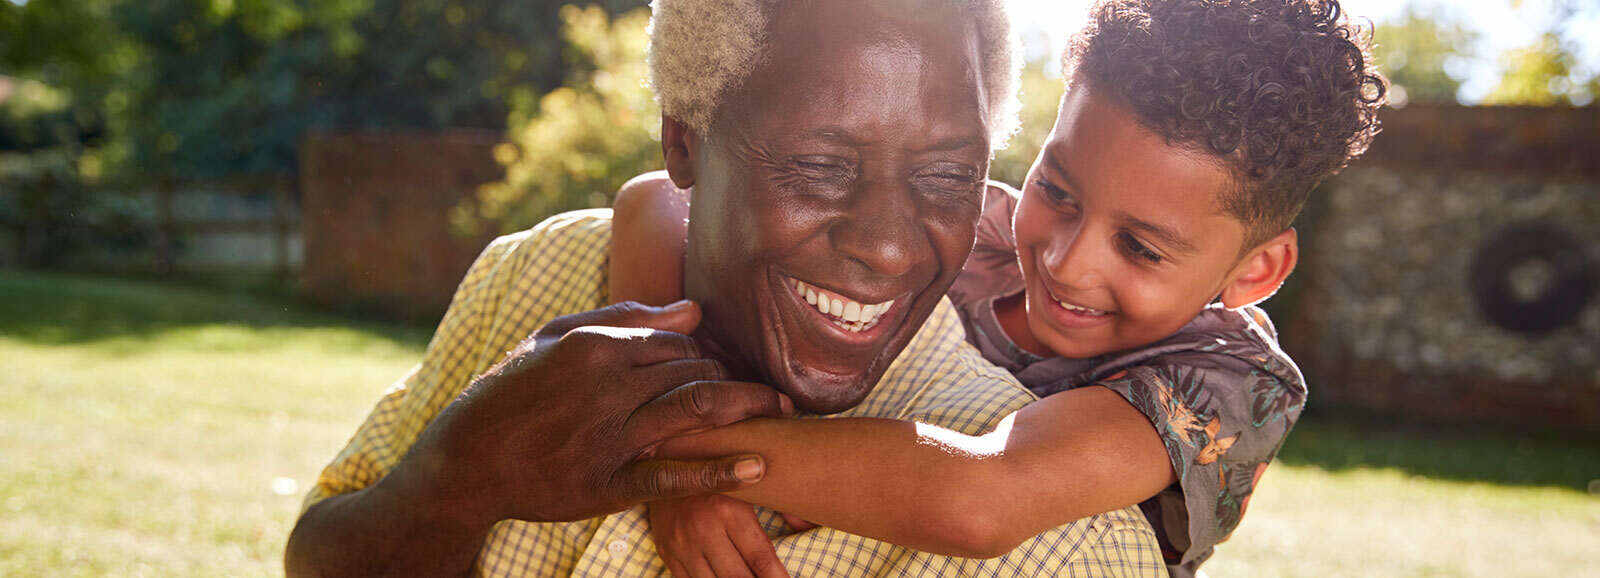 père souriant, qui porte son fils sur ses épaules